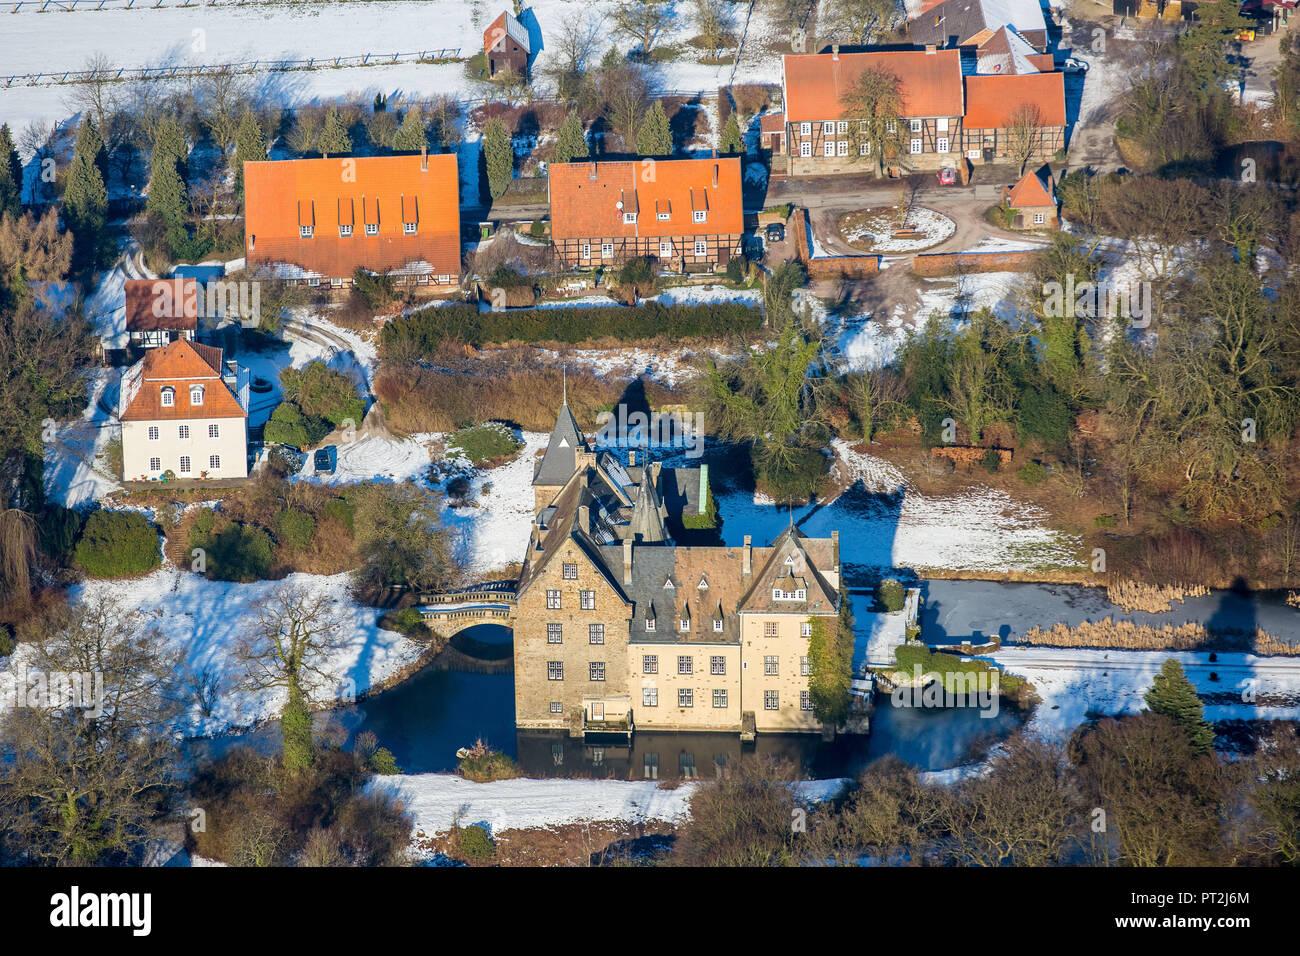 Castle Höllinghofen in winter, Arnsberg, Neheim-Hüsten, Sauerland, North Rhine-Westphalia, Germany Stock Photo